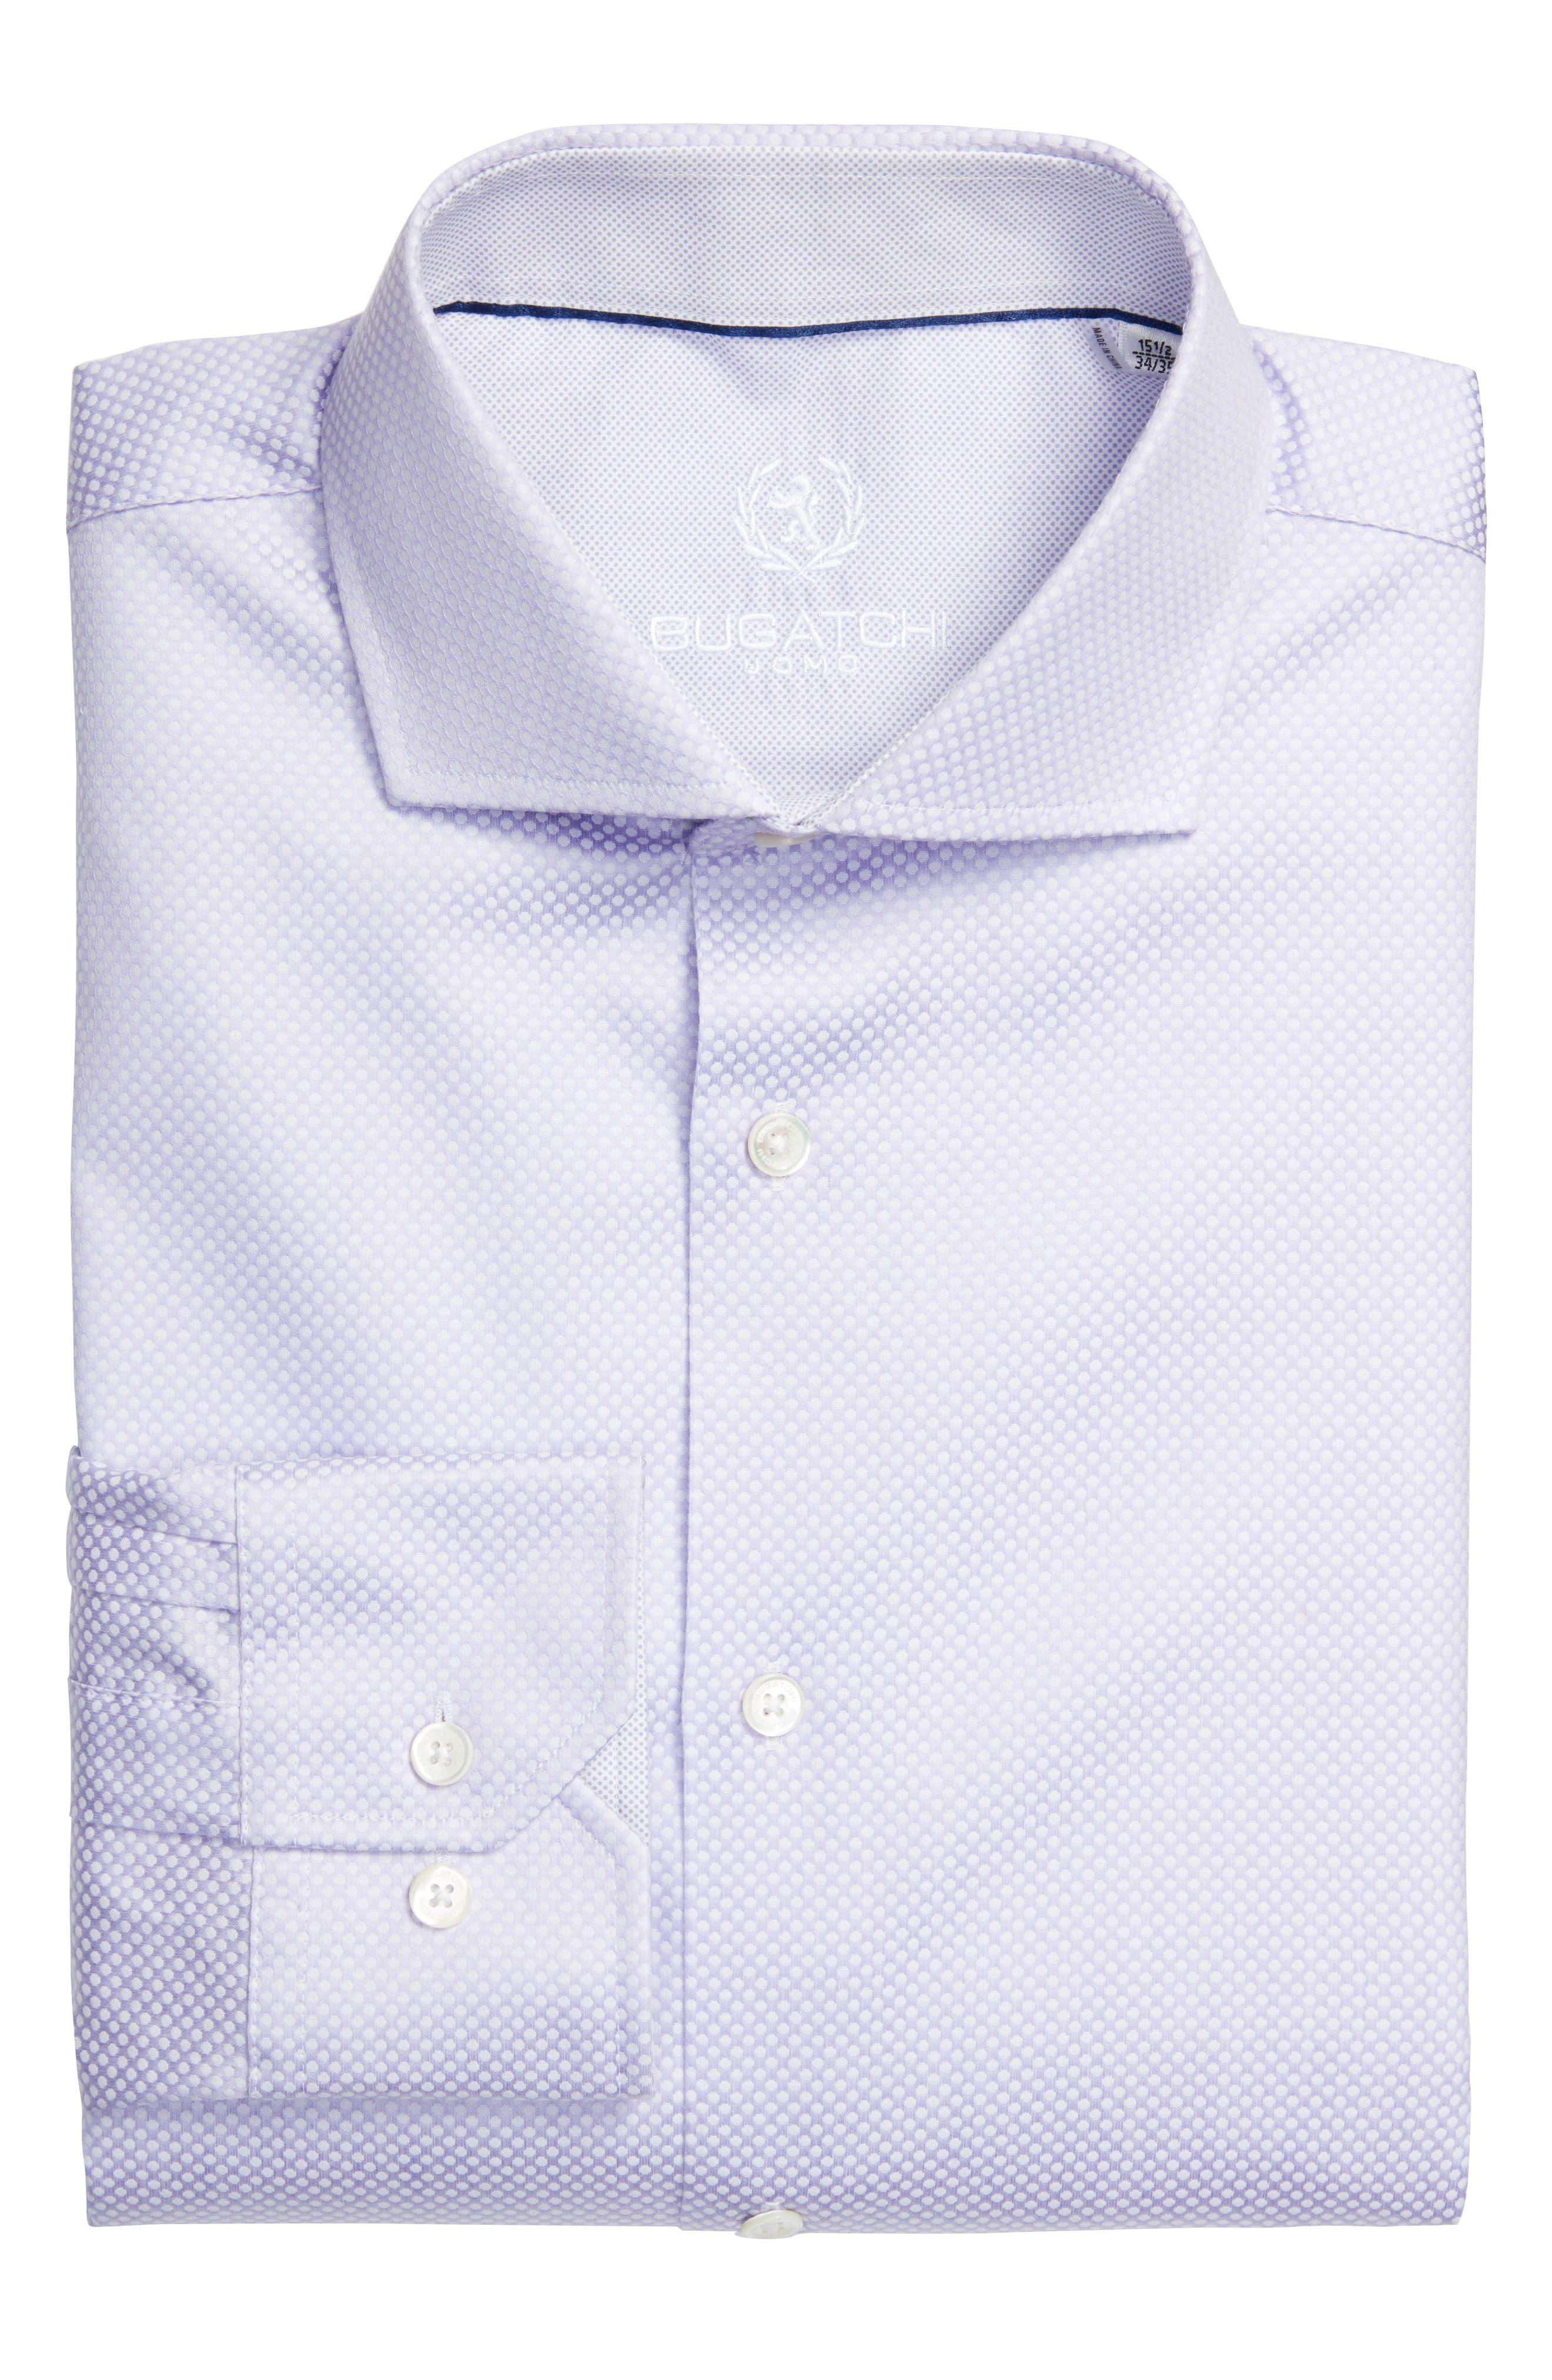 Trim Fit Dot Jacquard Dress Shirt,                             Main thumbnail 1, color,                             531